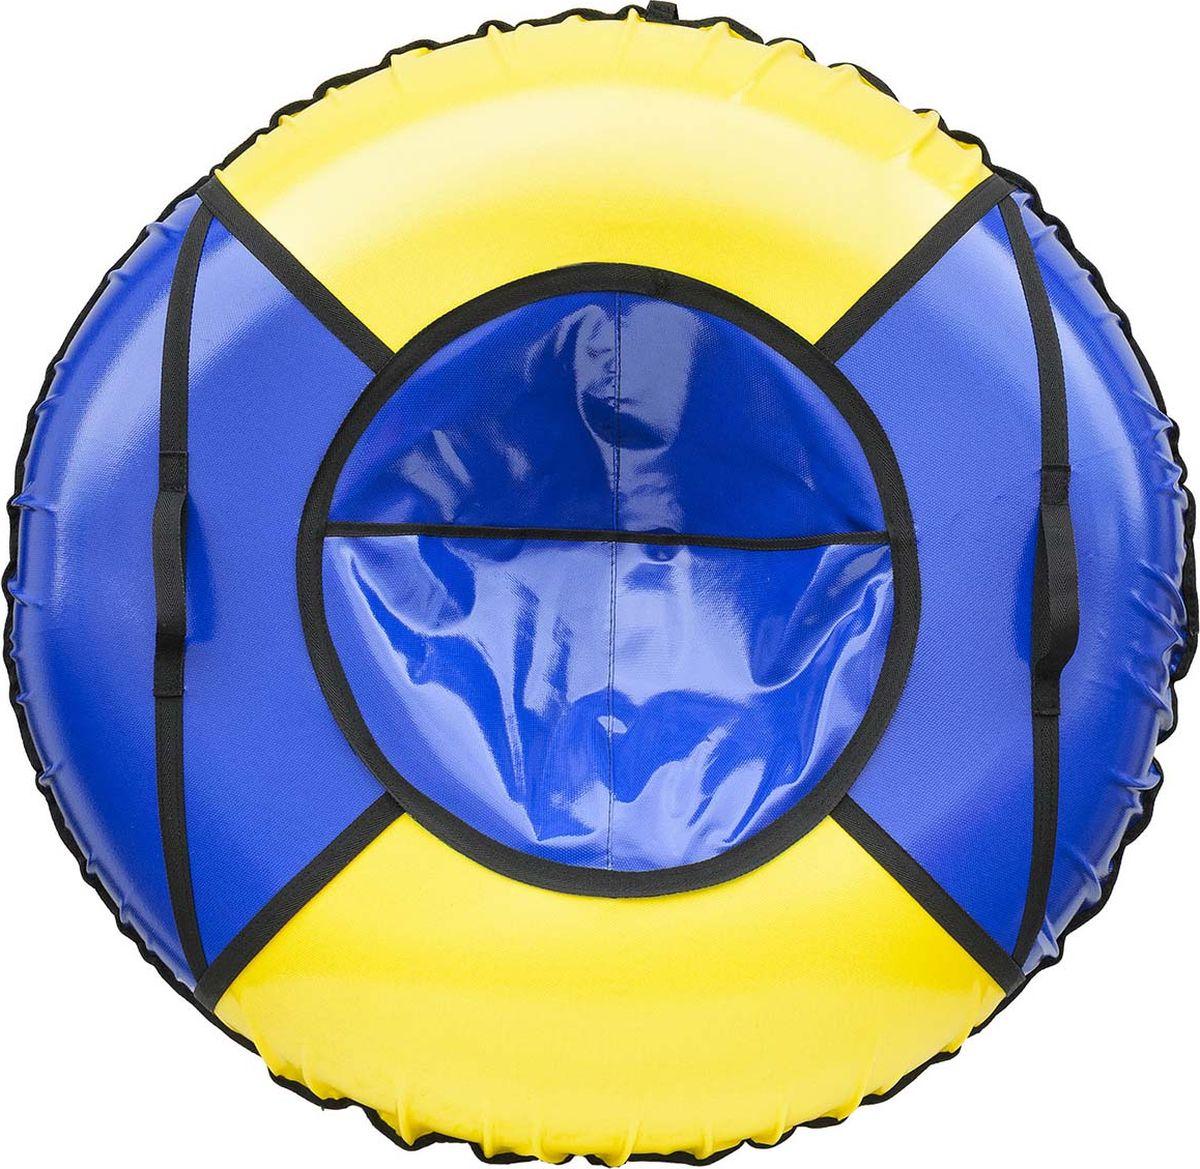 Тюбинг Эх, Прокачу! Профи-4, цвет: синий, желтый, диаметр 100 смСП100-4-2Любимая детская зимняя забава - это кататься с горки. А катание на тюбинге Эх, Прокачу! Профи-4 надолго запомнится вам и вашим близким. Свежий воздух, веселая компания, веселые развлечения - эти моменты вы будете вспоминать еще долгое время.Особенности: Материал - ткань ПВХ, плотность 630 г/м2Диаметр в надутом виде - 100 см.Морозоустойчивость - до -45 градусов.Камера российского производства, буксировочный ремень. Тюбинг не предназначен для буксировки механическими или транспортными средствами (подъемники, канатные дороги, лебедки, автомобиль, снегоход, квадроцикл и т.д.)Допускается деформация формы санок из-за неравномерности надувания камеры.